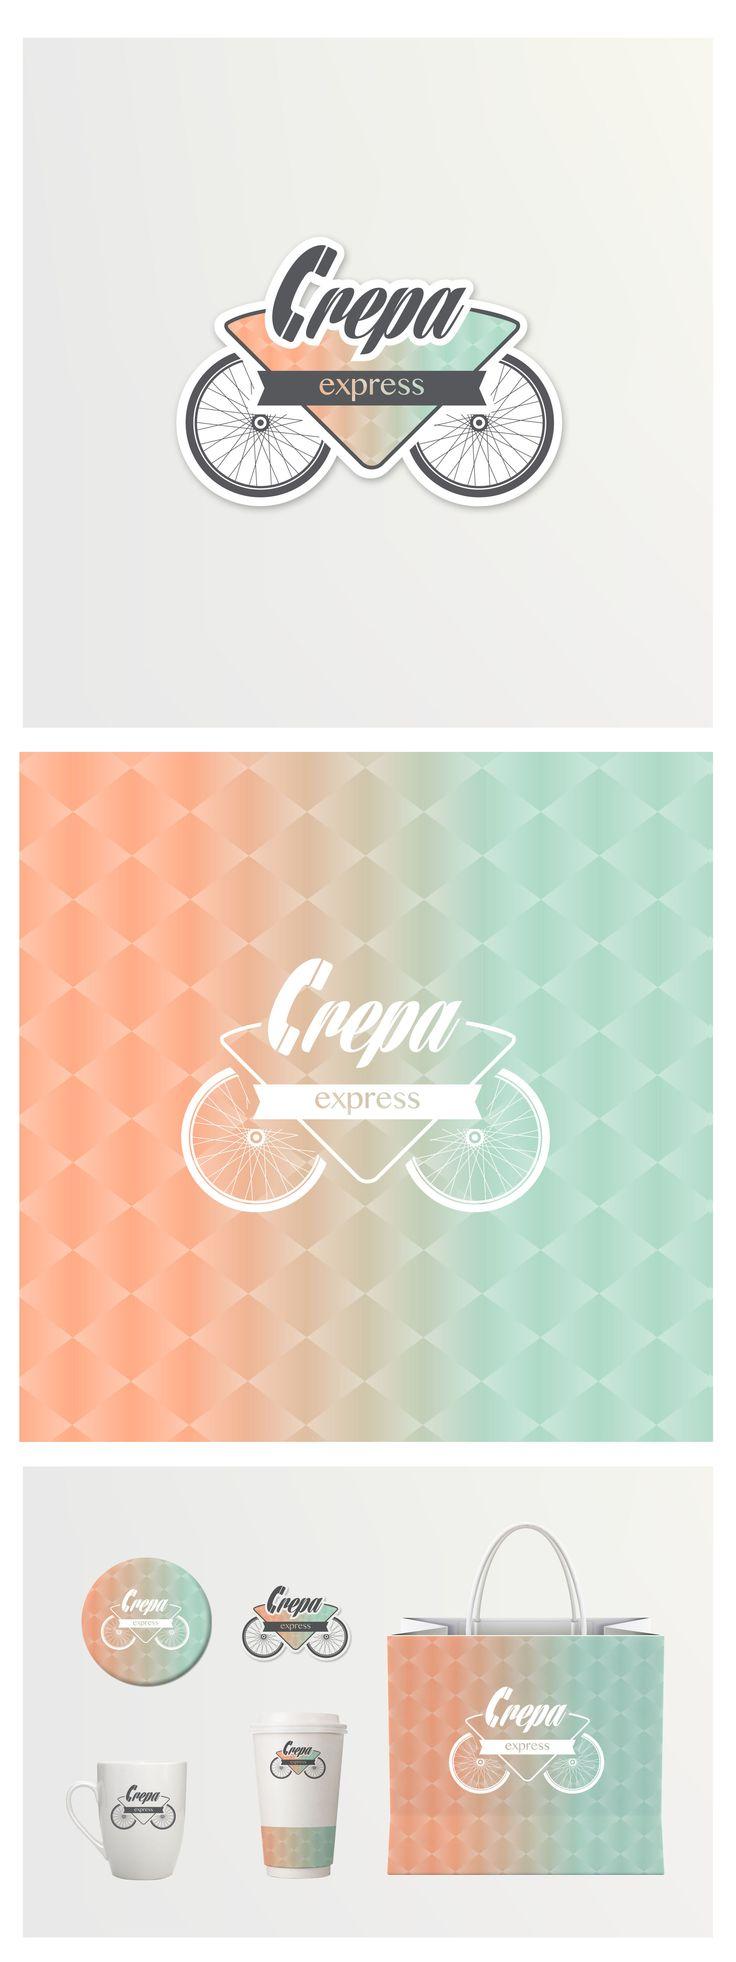 Logotipo y aplicaciones Crepa Express  Servicio de crepas a domicilio  http://www.behance.net/gallery/Crepa-Express/11251485